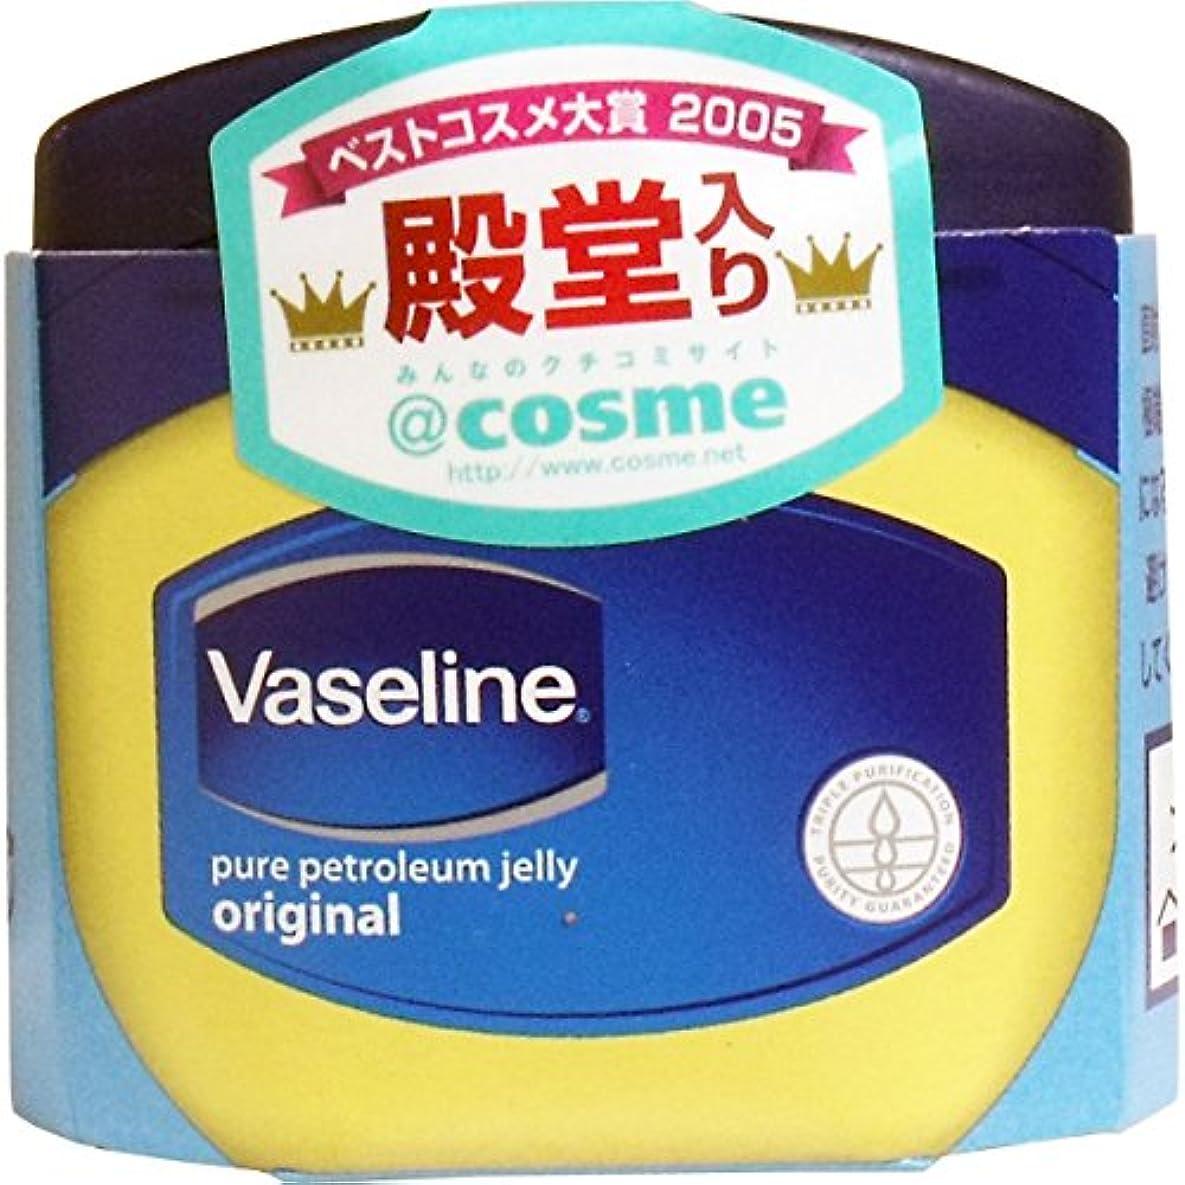 ストリップ誰か無駄【Vaseline】ヴァセリン ピュアスキンジェリー (スキンオイル) 40g ×5個セット